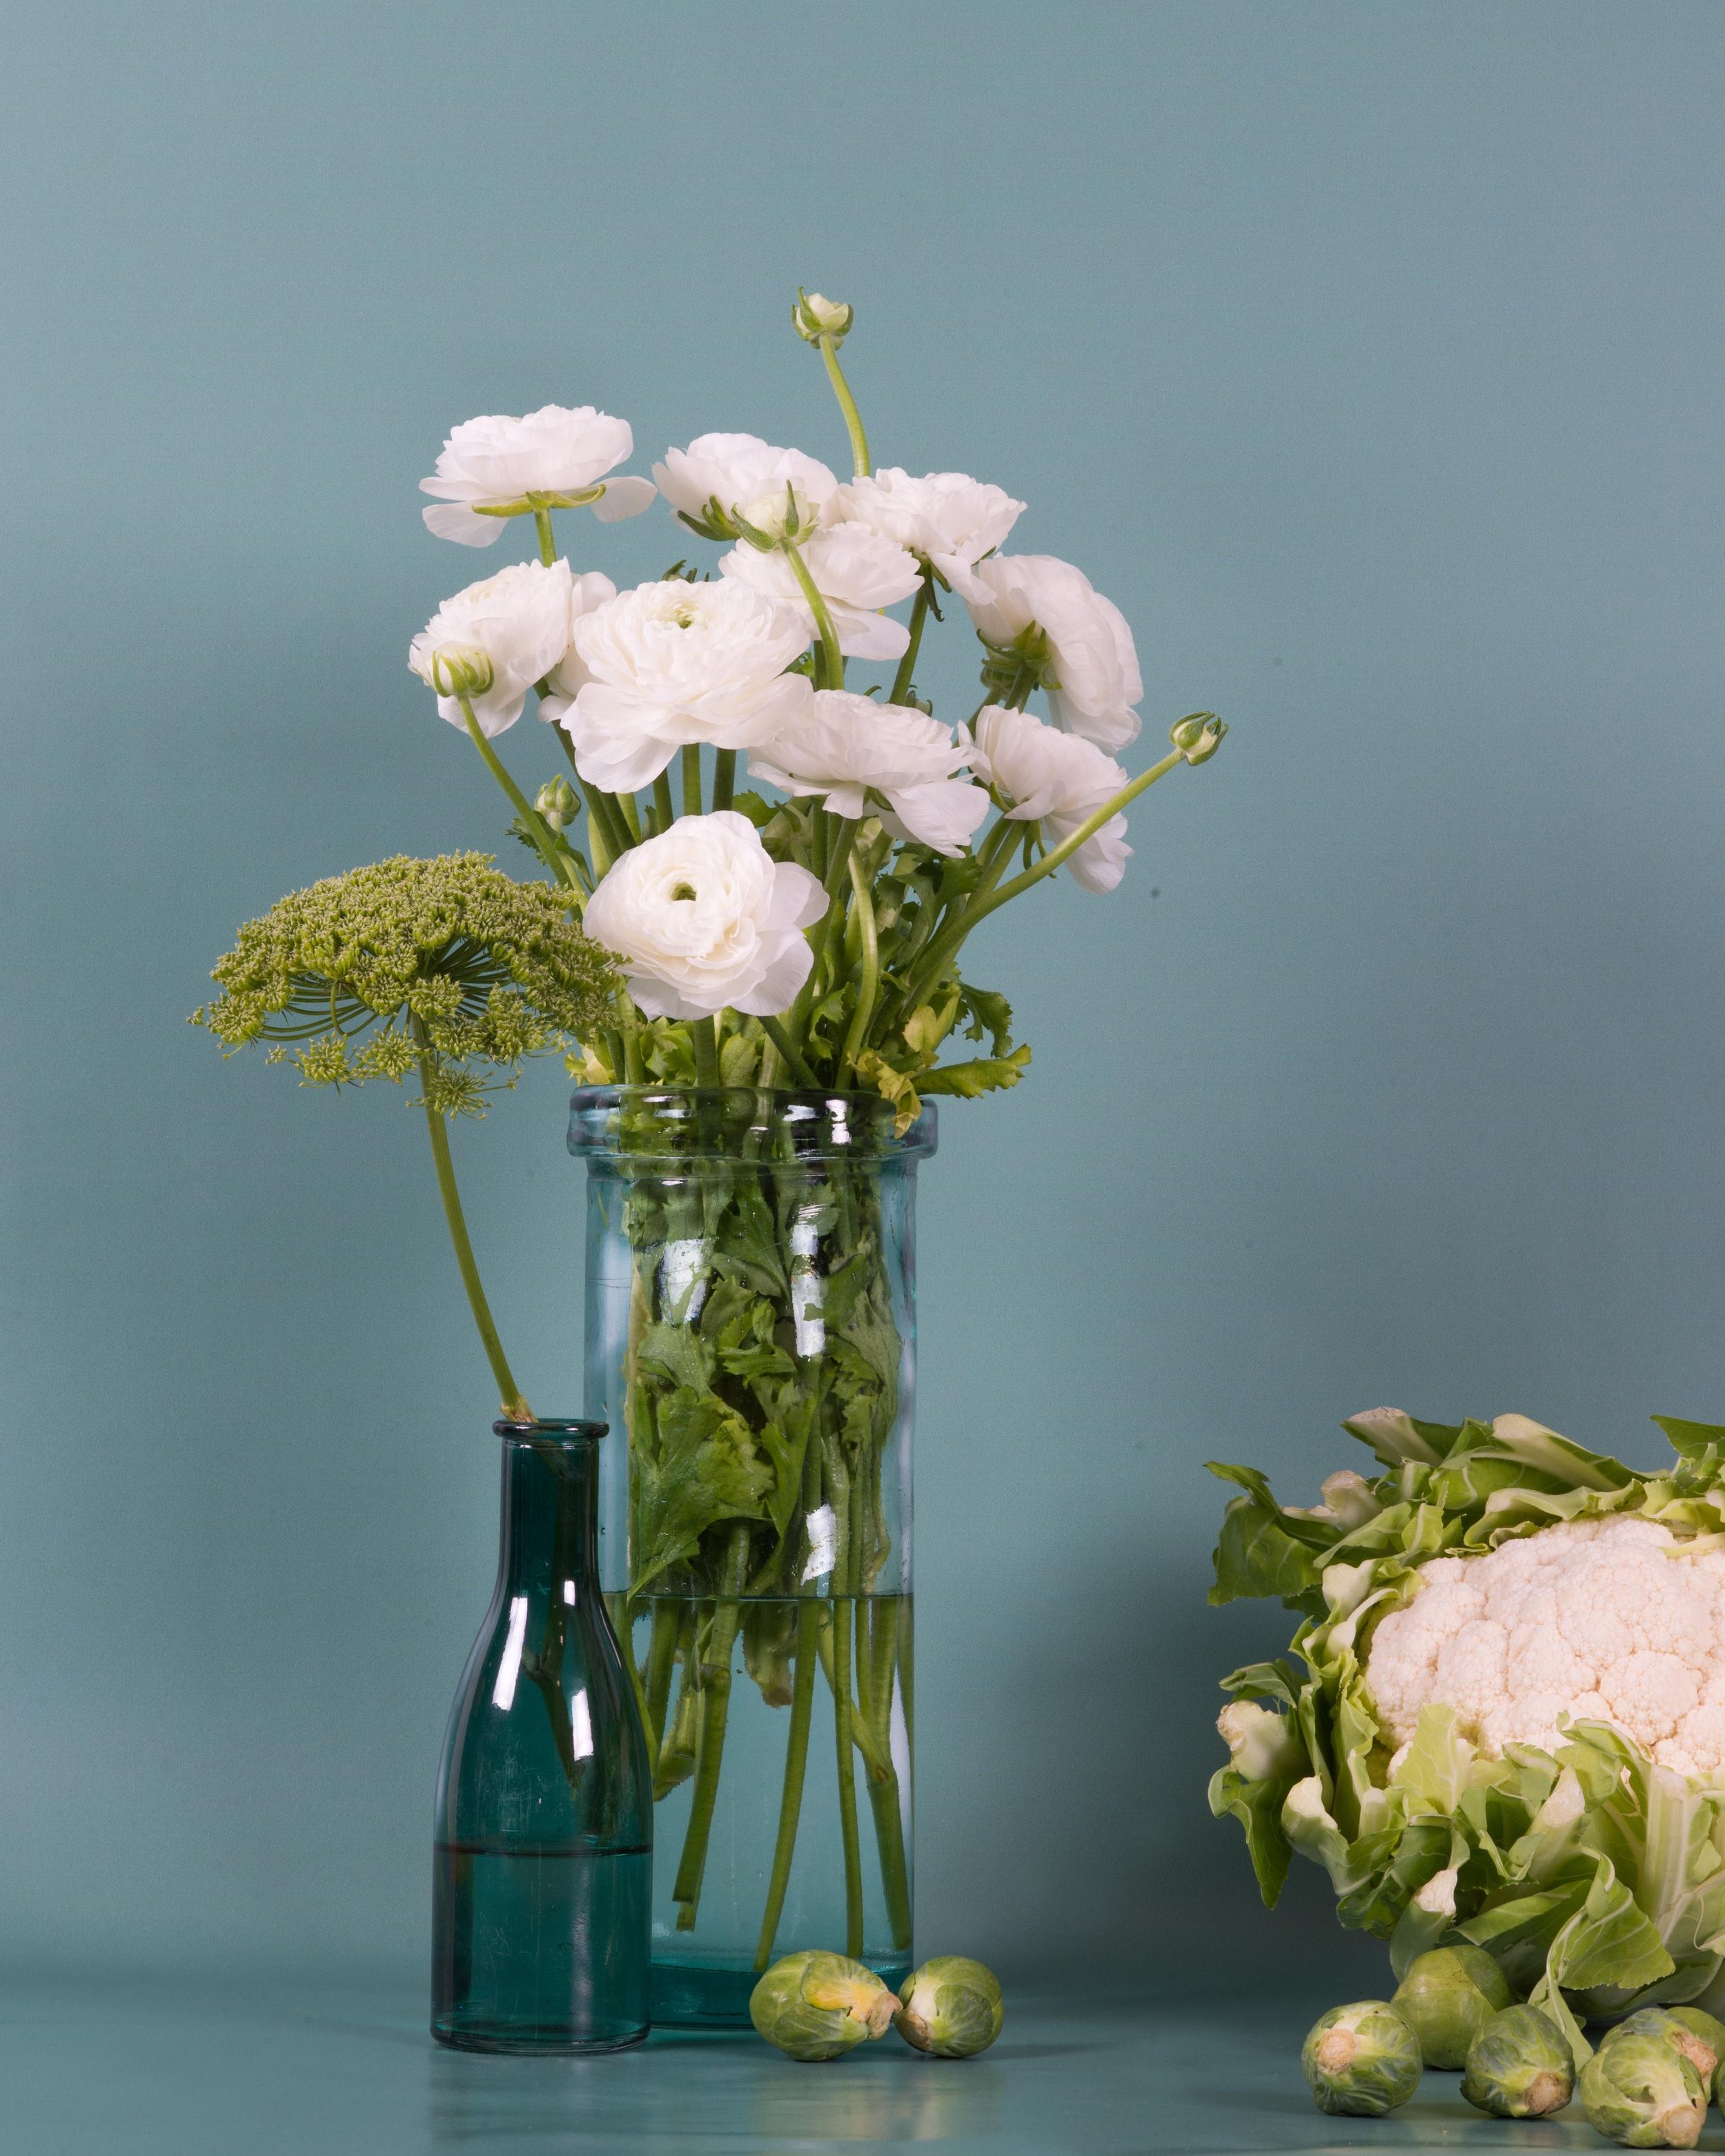 Scénographie - Repenser un lieu (conseil en design floral d'espace). Mettre en scène (set design, flower styling).